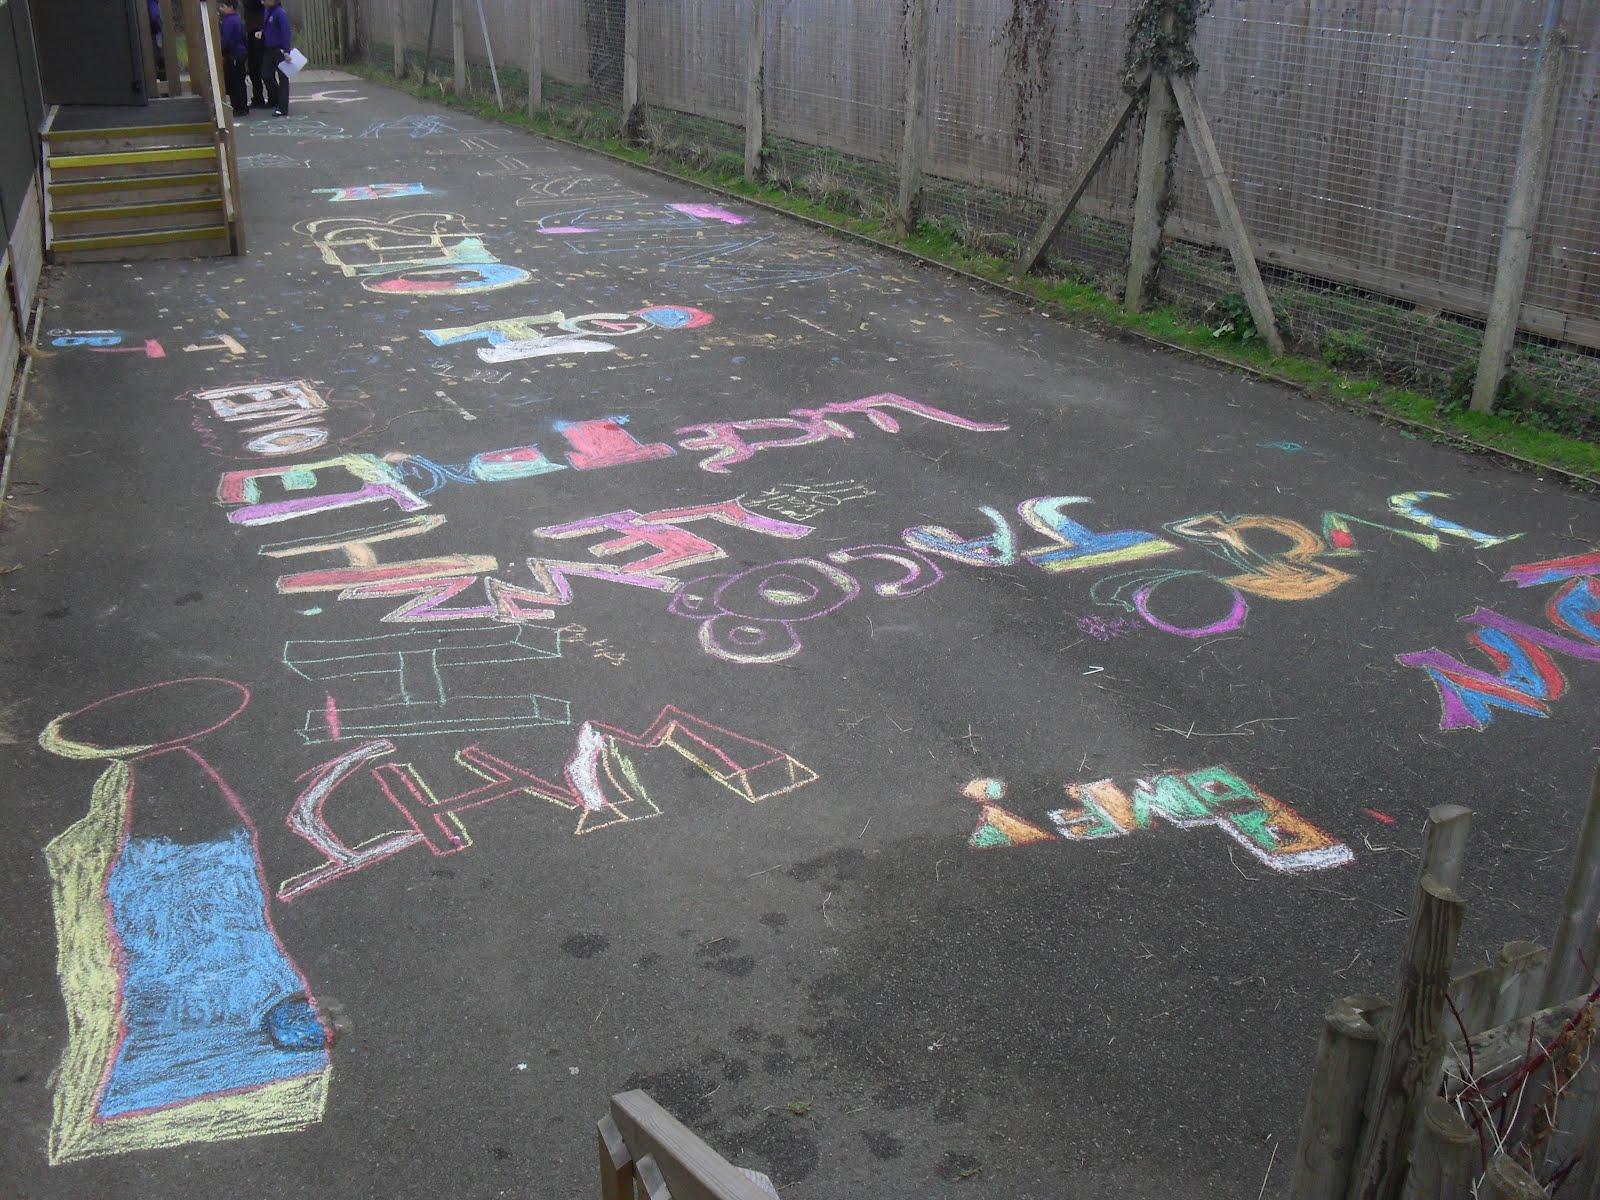 Graffiti Vandalism or Art